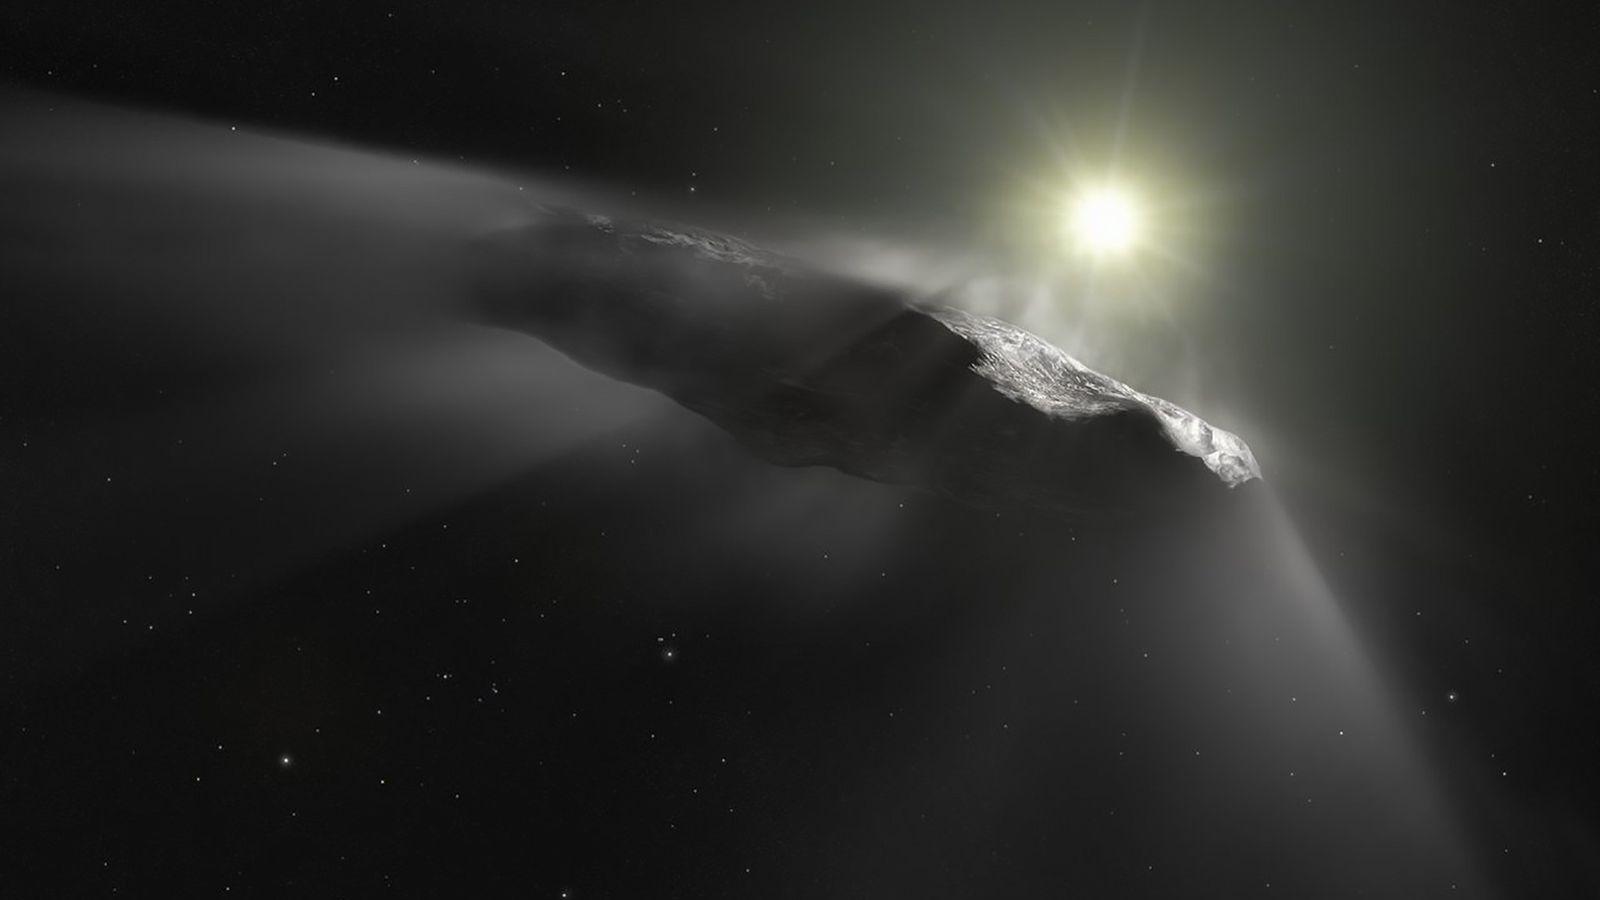 L'astéroïde à la forme originale Oumuamua, ici représenté dans une illustration, était le premier objet céleste ...